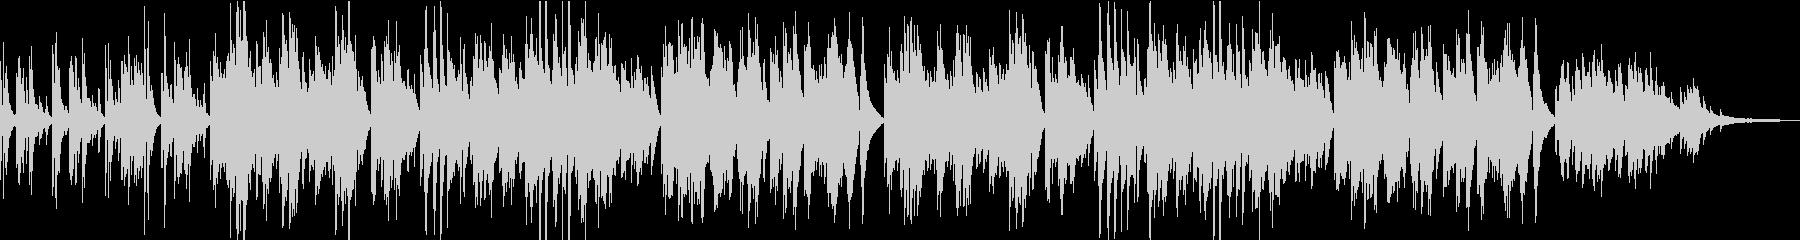 しっとり切なく回想的なピアノソロの未再生の波形